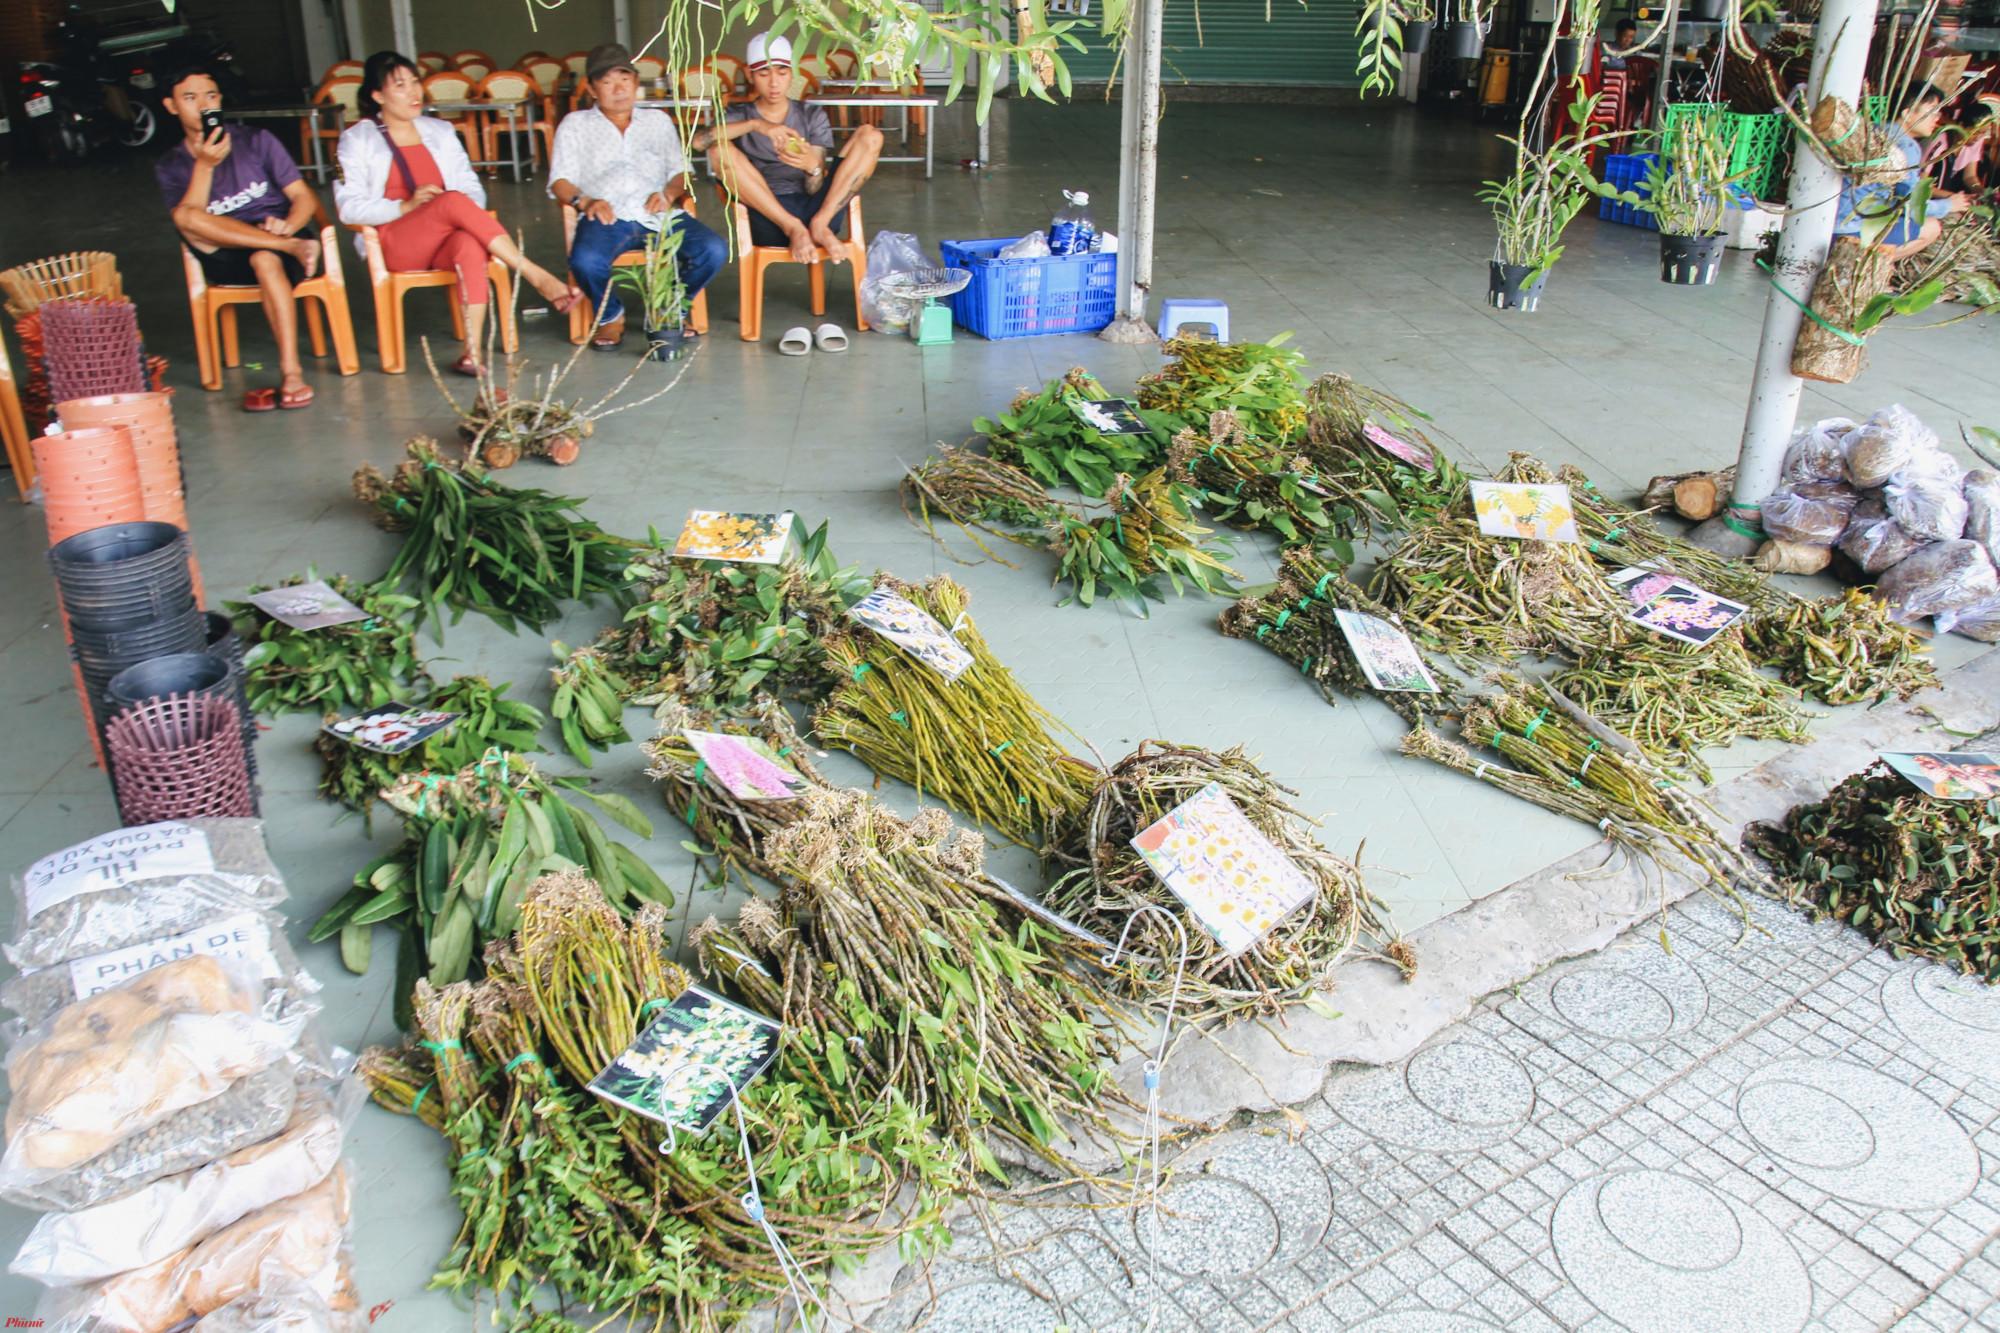 Với giá bán từ 20.000-30.000 đồng/bó lan rừng chưa ra hoa, 200.000-350.000 đồng/chậu lan rừng đã ra hoa nhiều giống lan hiếm với giá mềm cũng hút khách như: giả hạc. long tu Lào, bạch câu, thảo kèn, giả hạc, denro xuân,…